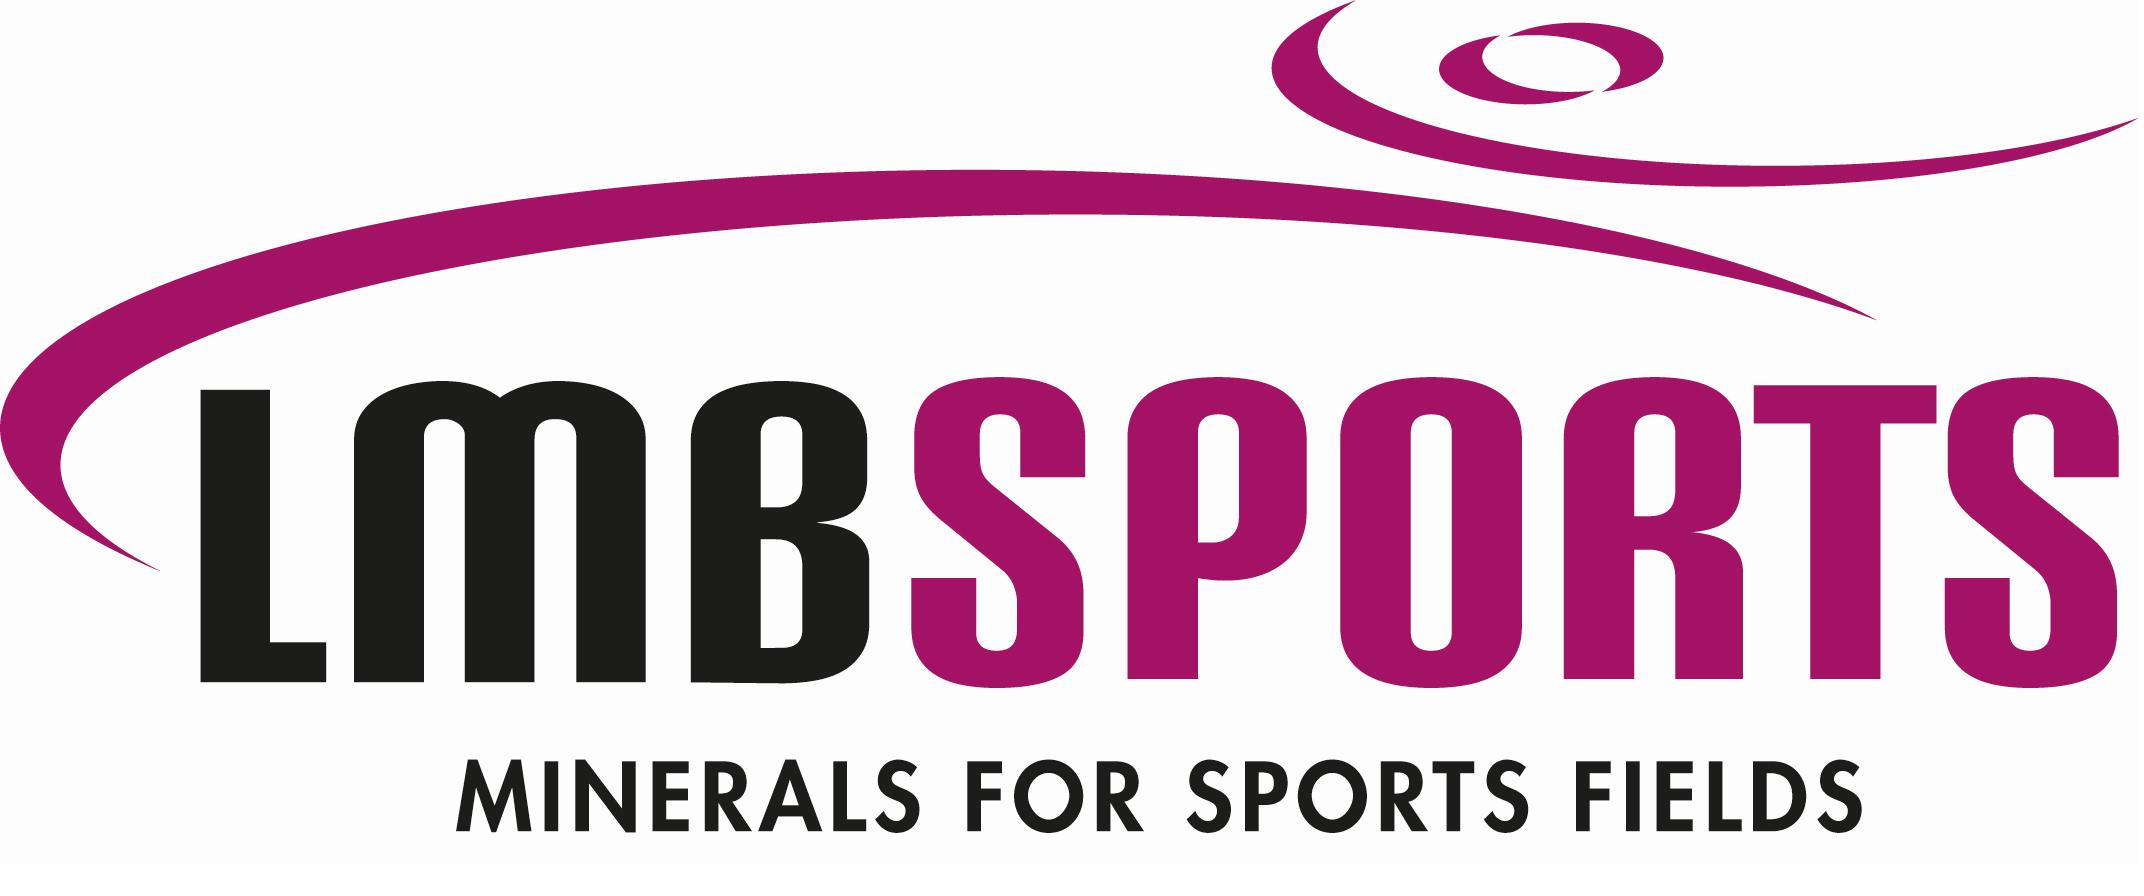 LMB Sports